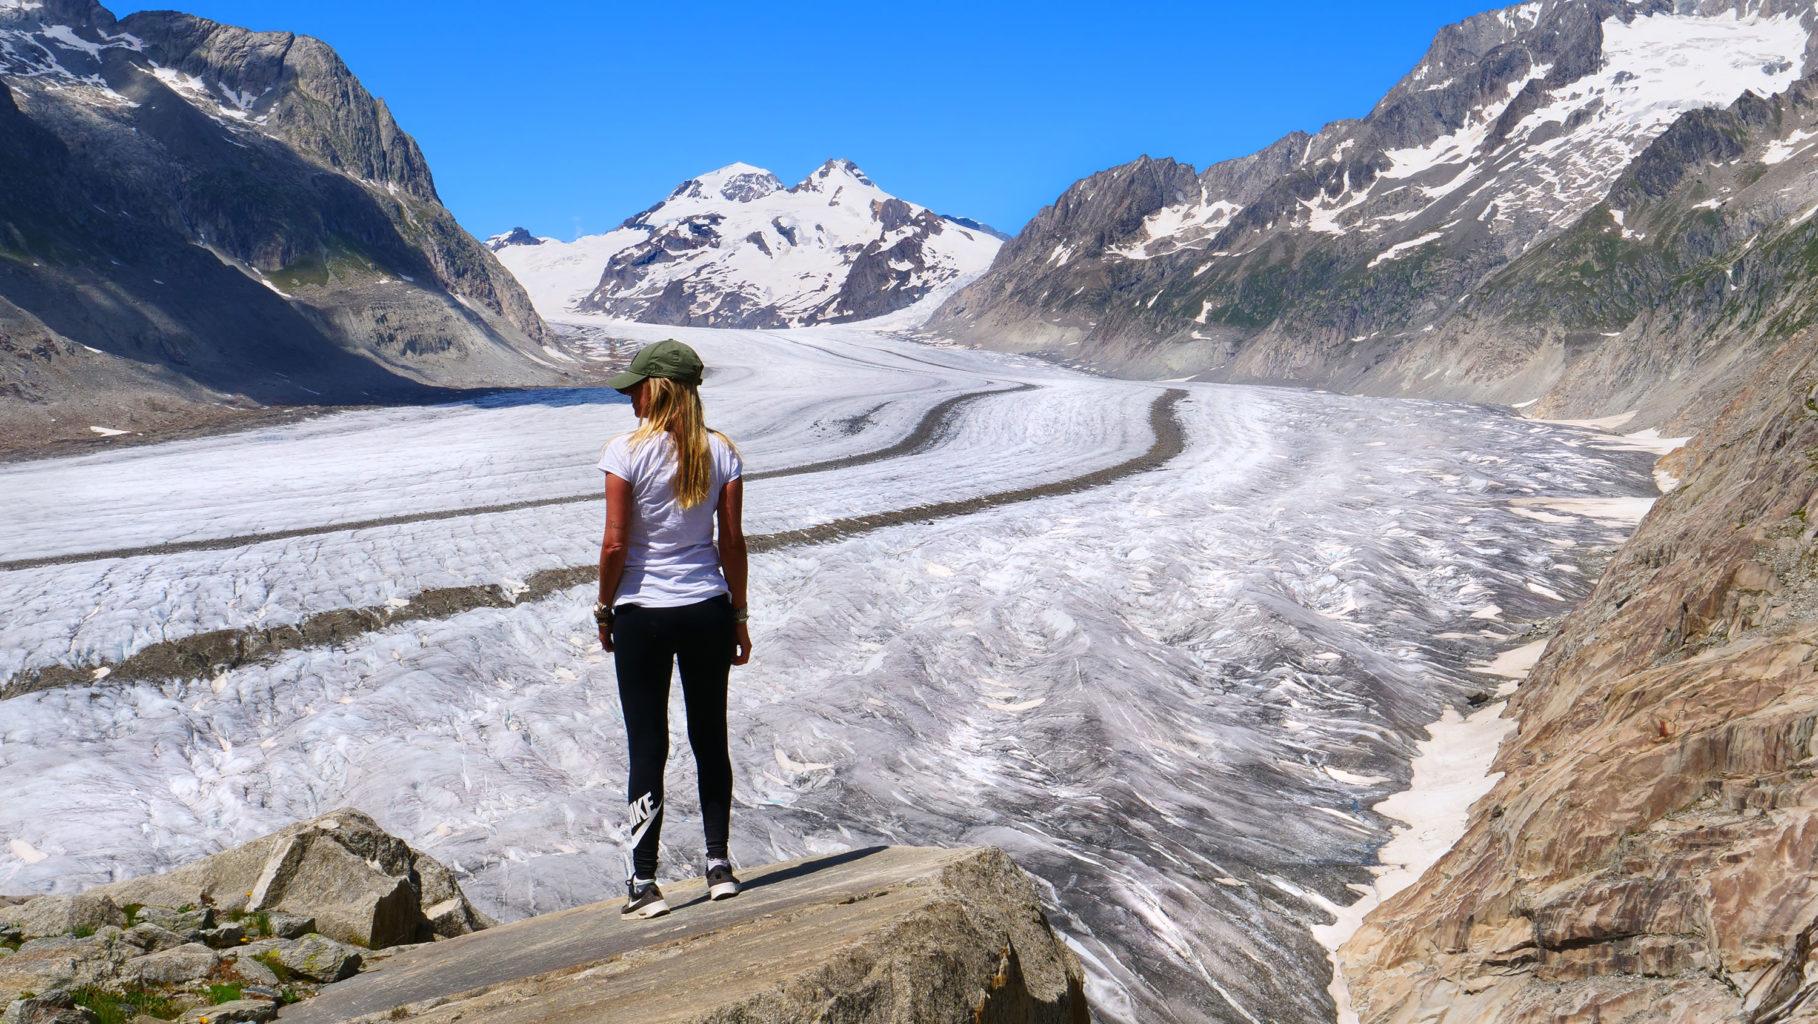 The Great Aletsch Glacier Switzerland / Der Grosse Aletschgletscher, Schweiz